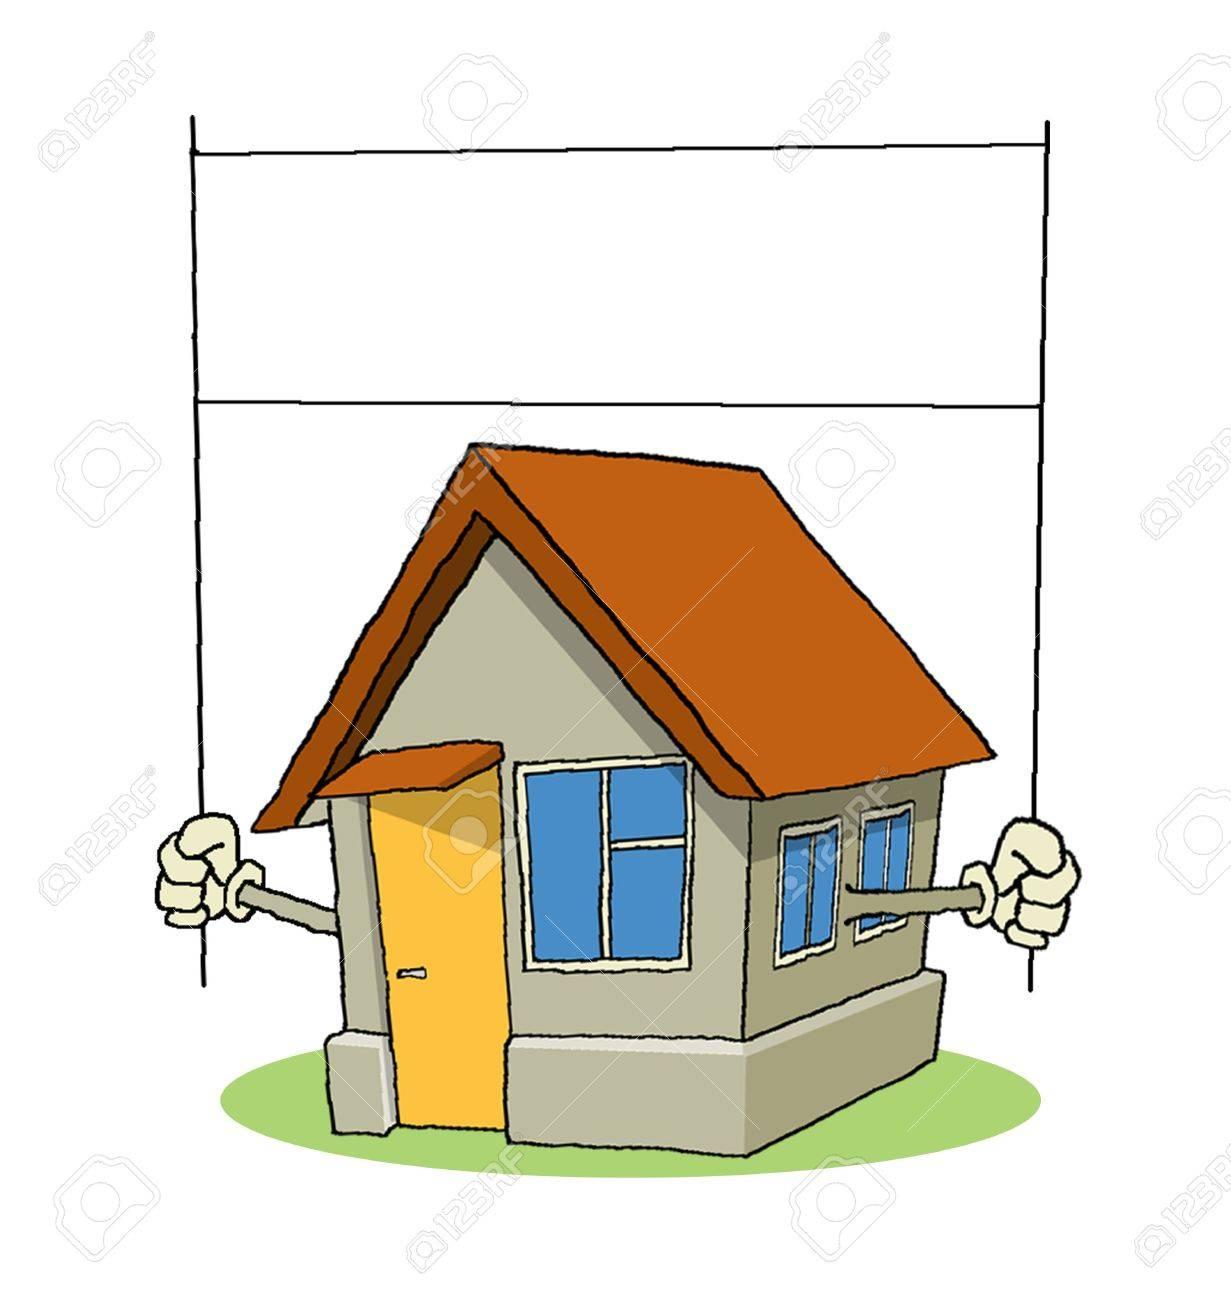 Accommodation house Stock Photo - 15043941